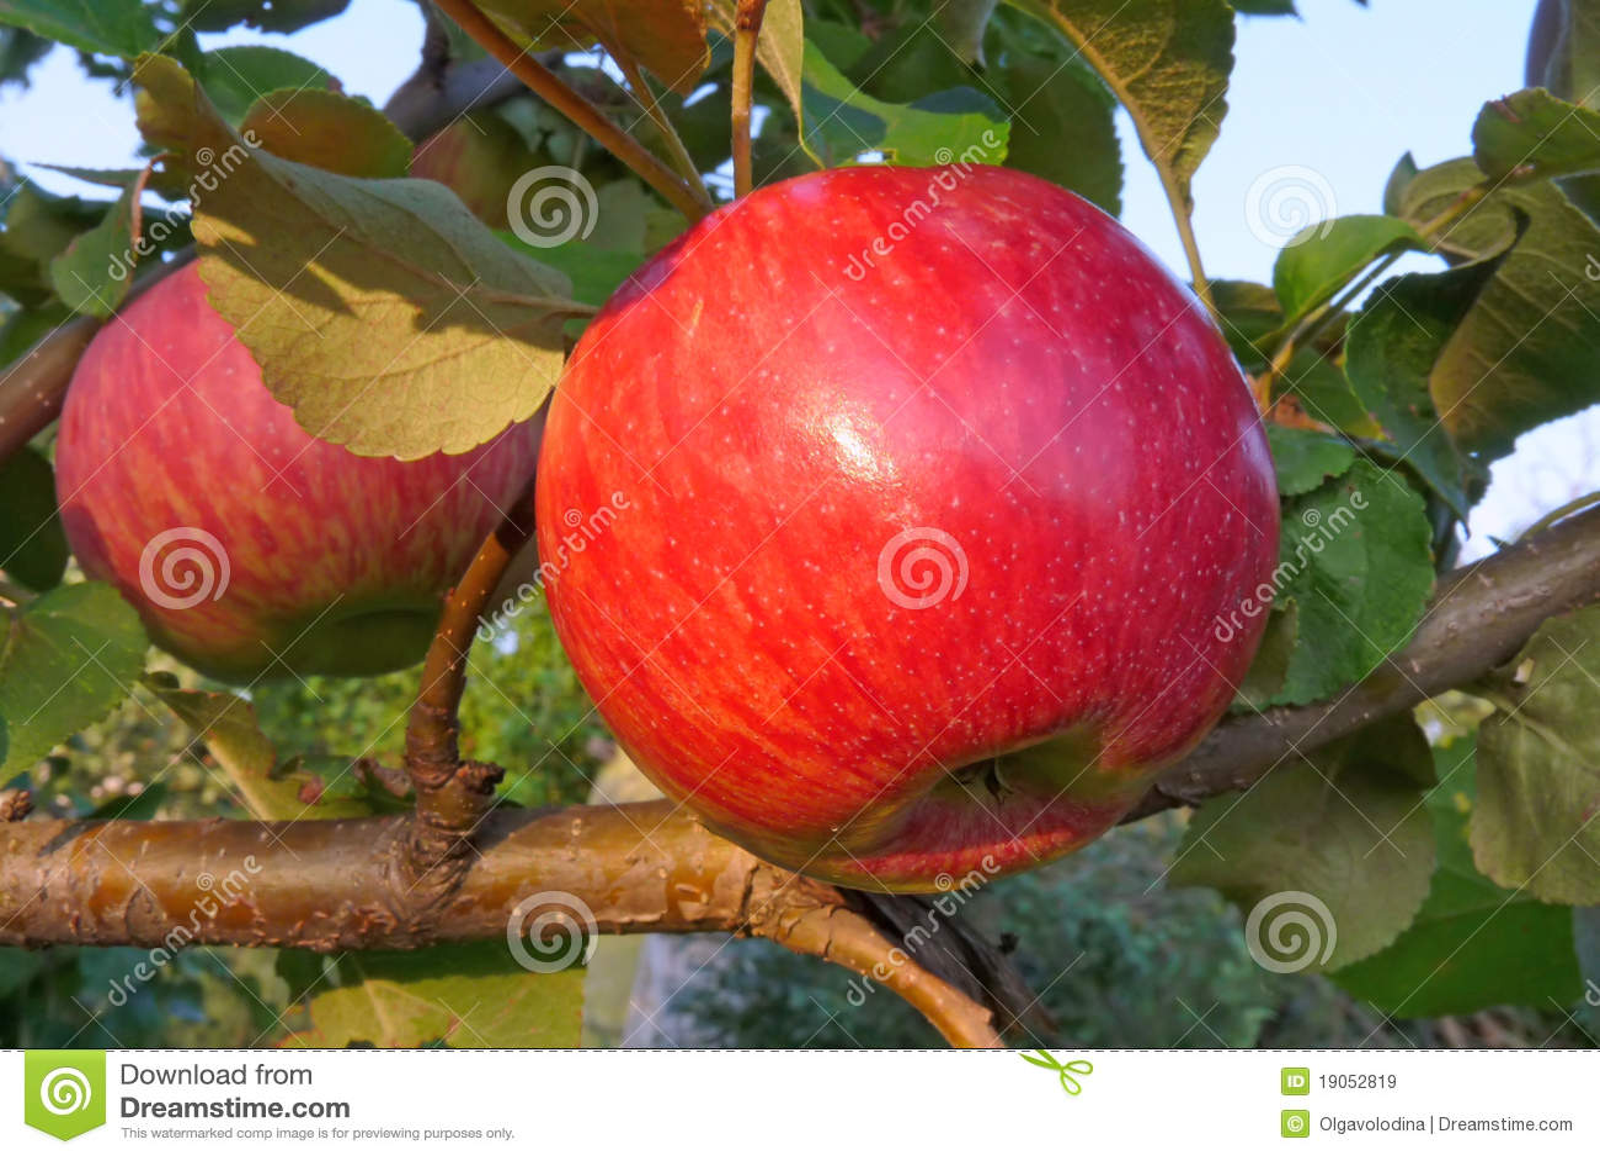 Manzana madura roja en el árbol